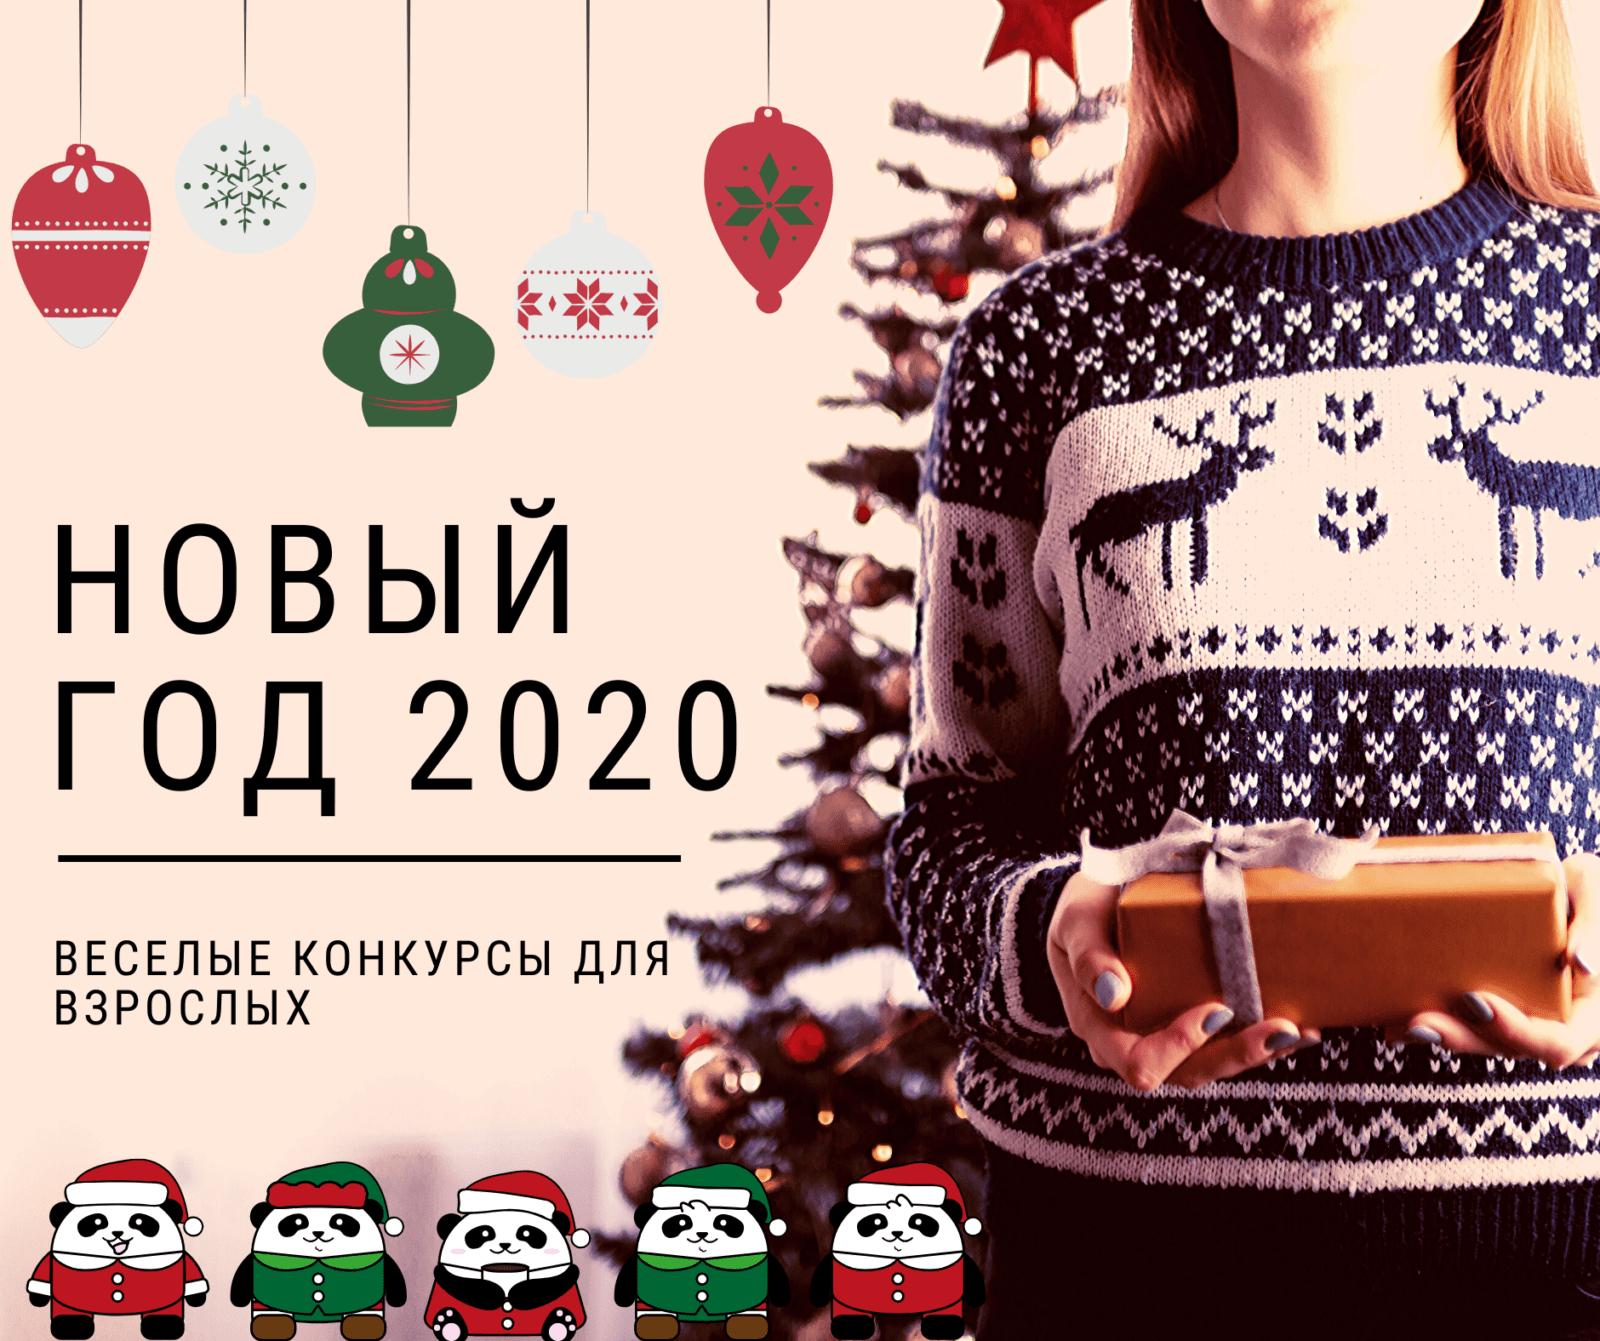 Самые веселые конкурсы для взрослых на Новый год 2020